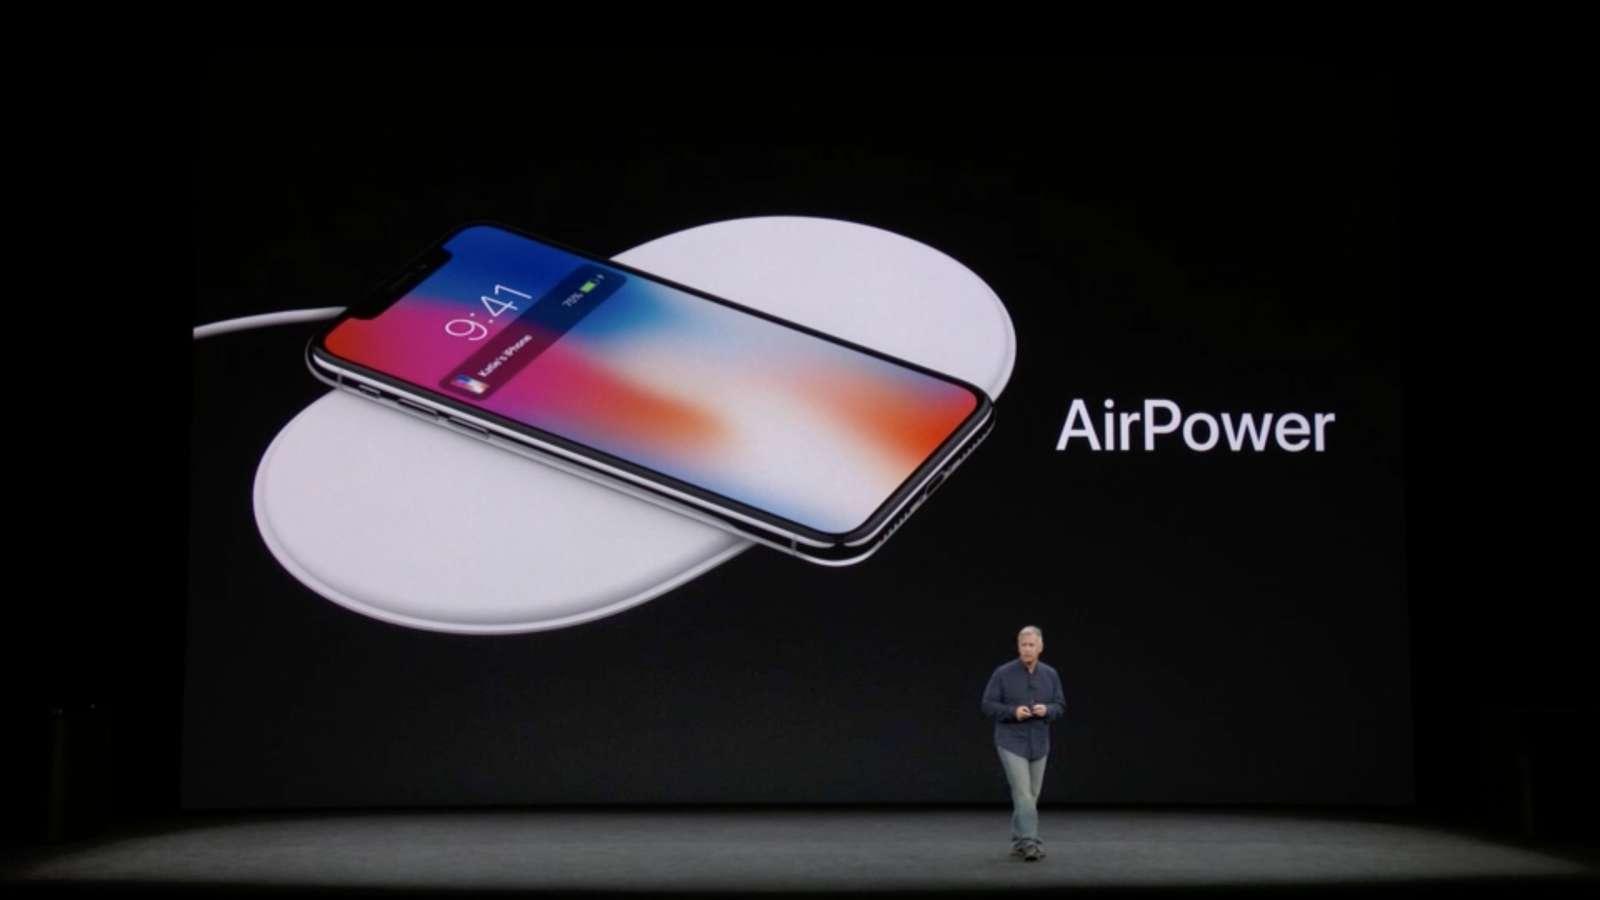 Apple Akuisisi Perusahaan Wireless Charging PowerbyProxi